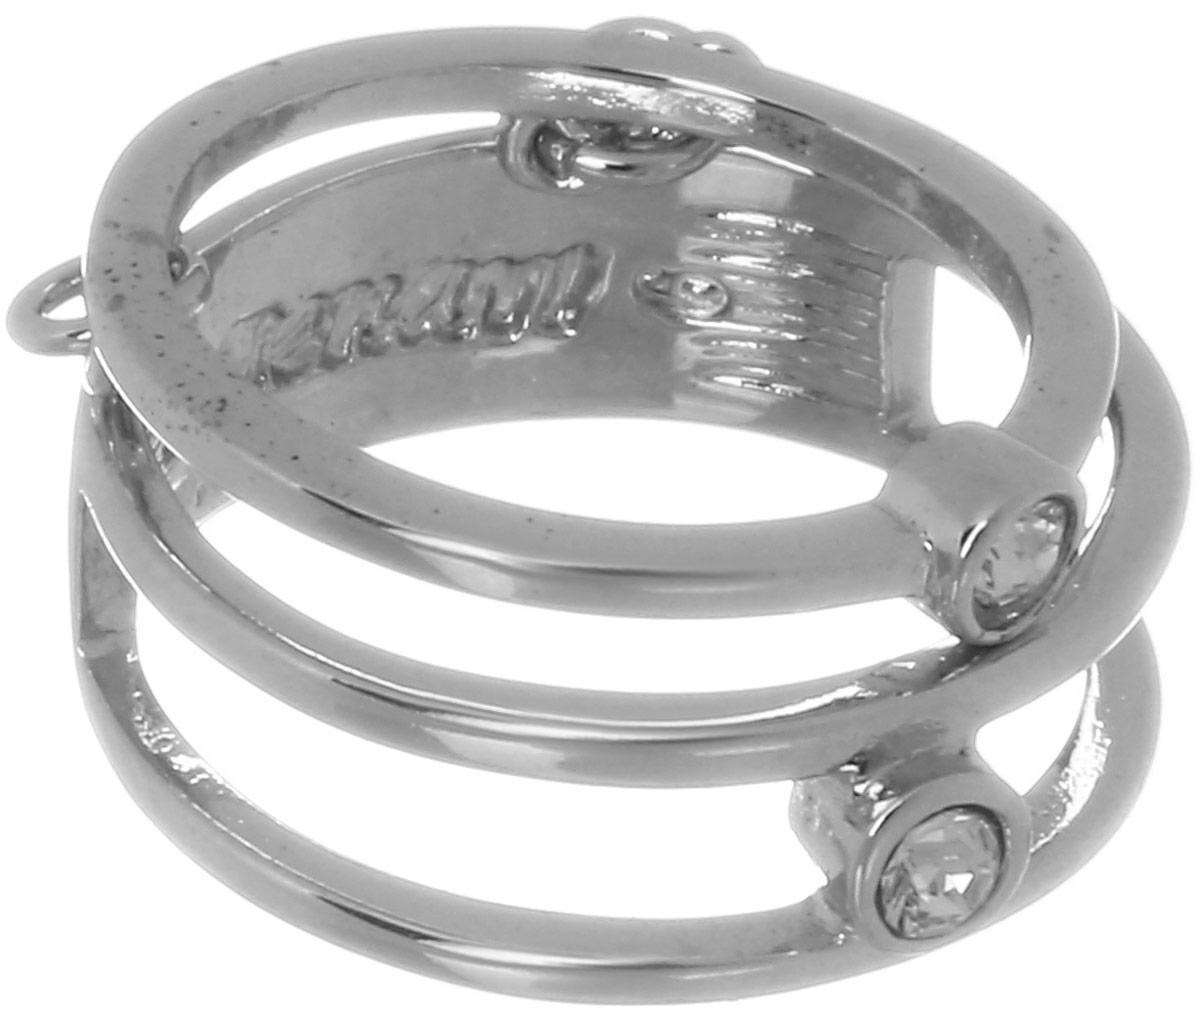 Jenavi, Коллекция Триада, Ваю (Кольцо), цвет - серебряный, белый, размер - 19f698f000Коллекция Триада, Ваю (Кольцо) гипоаллергенный ювелирный сплав,Серебрение c род. , вставка Кристаллы Swarovski , цвет - серебряный, белый, размер - 19